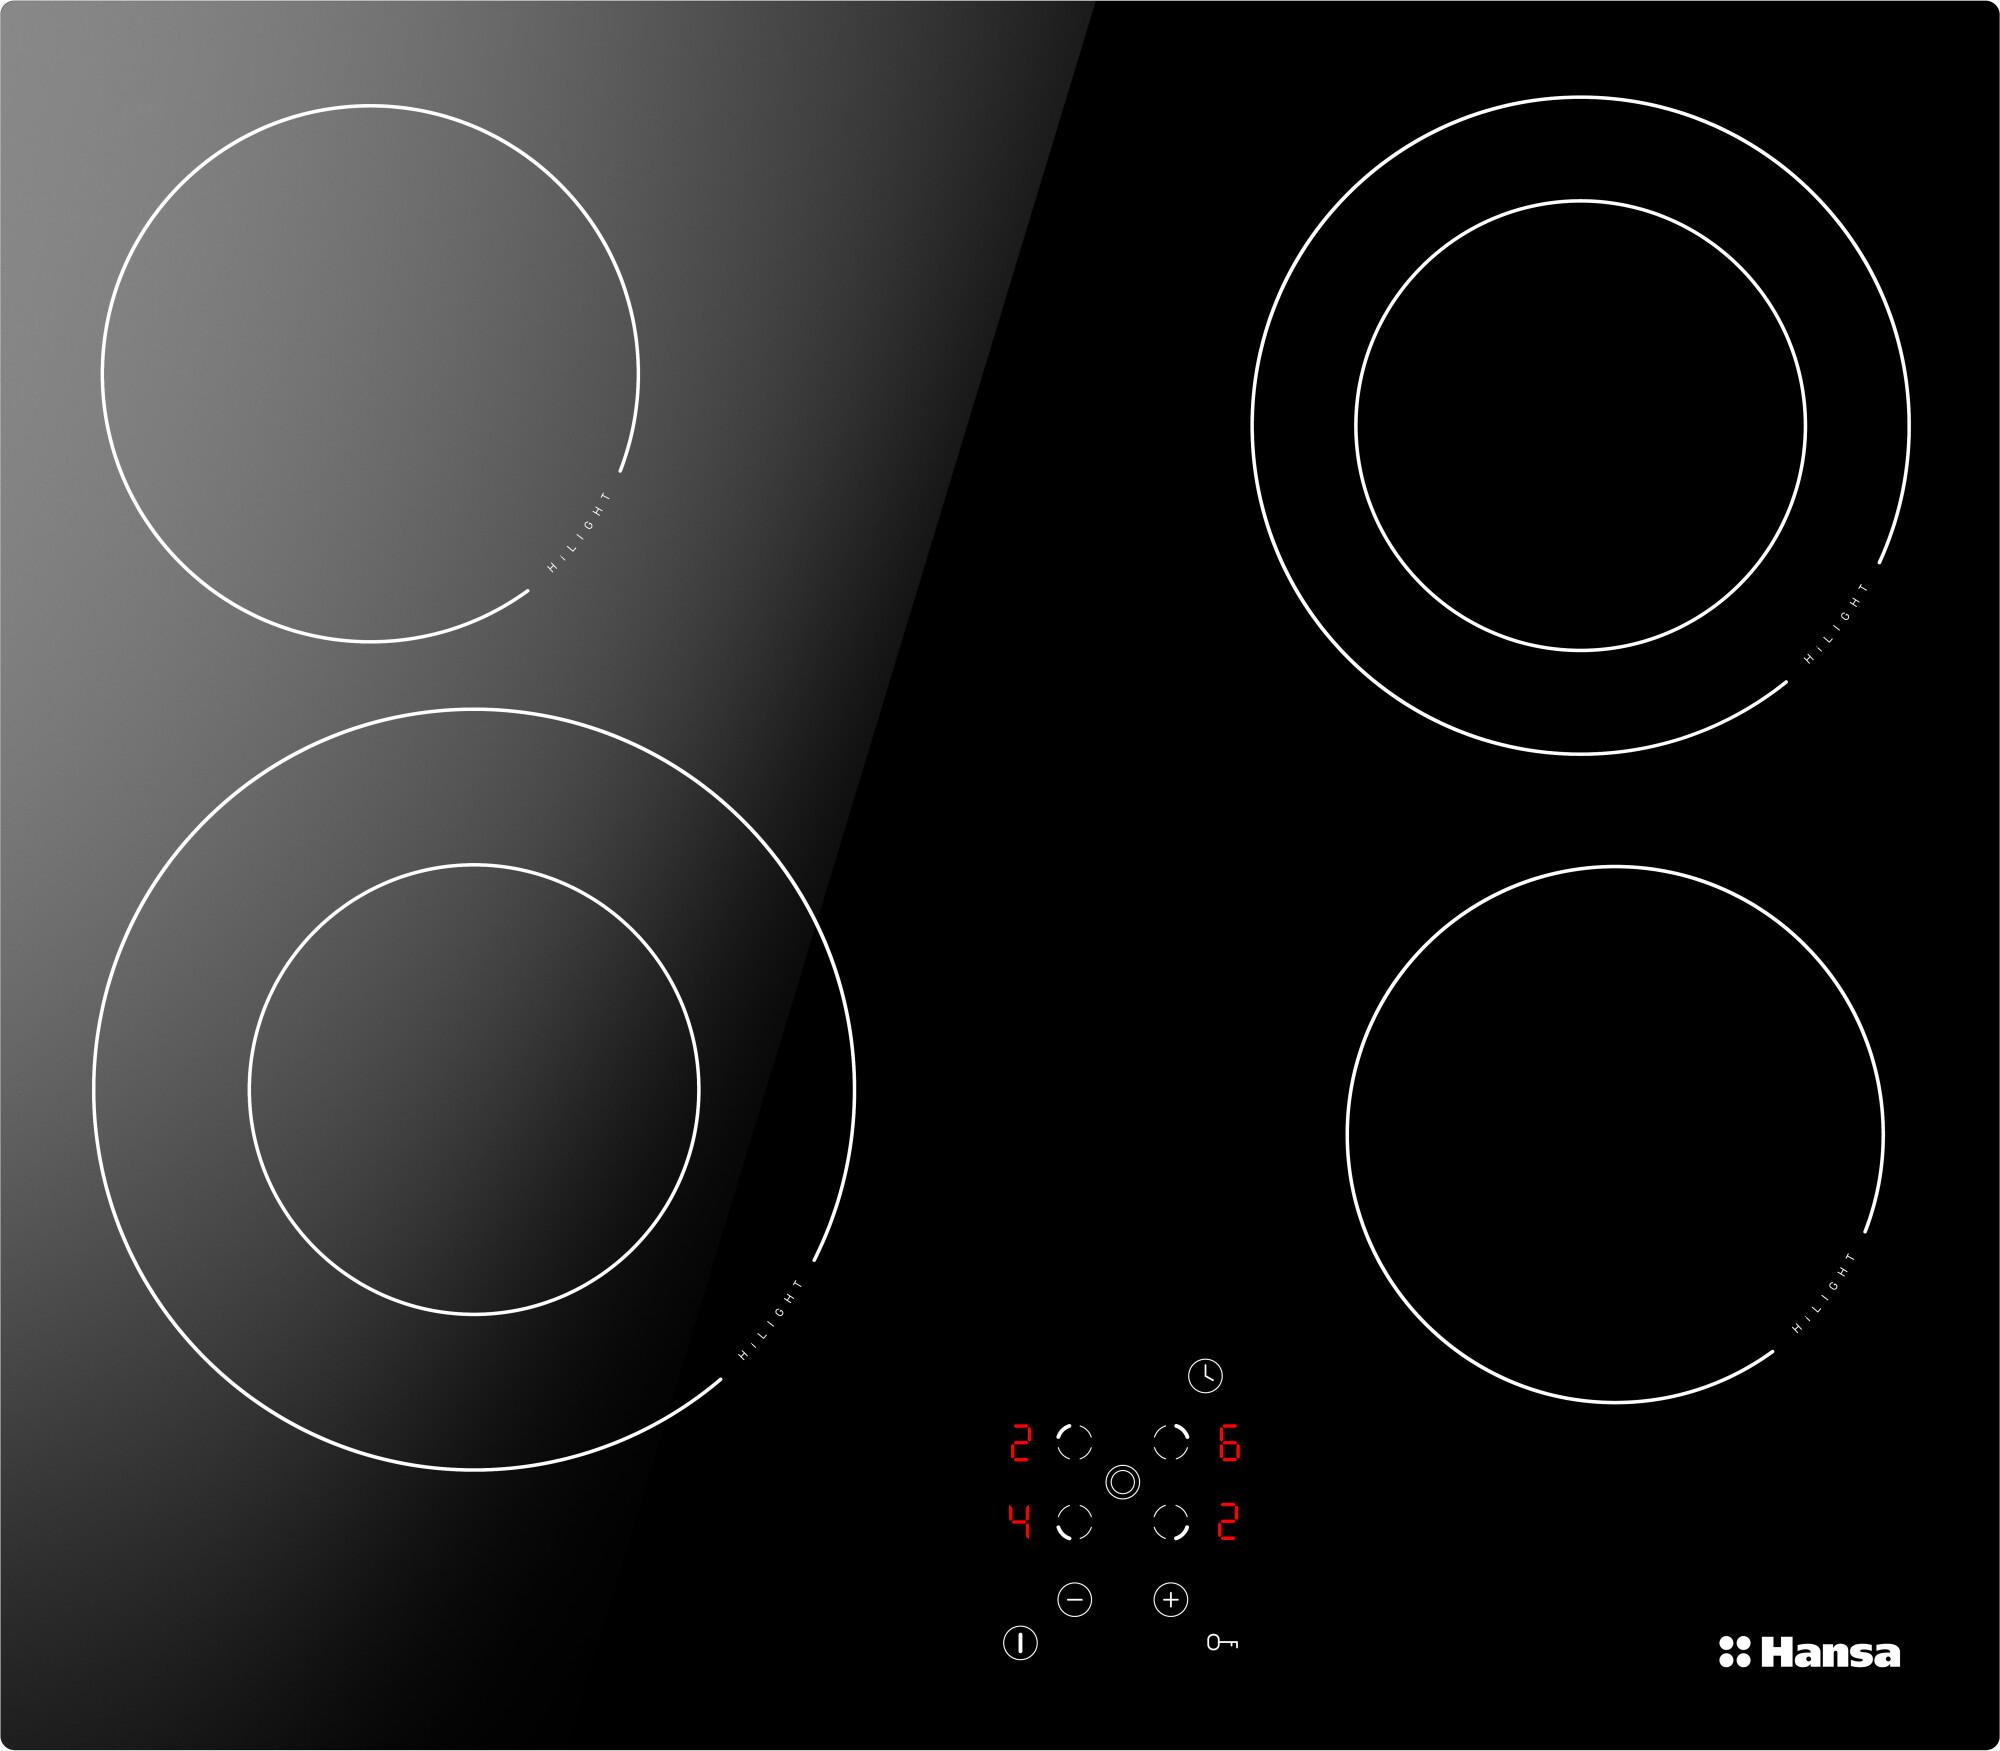 Встраиваемая варочная панель электрическая Hansa BHC96506 Black Hi-Light BHC96506 по цене 17 990